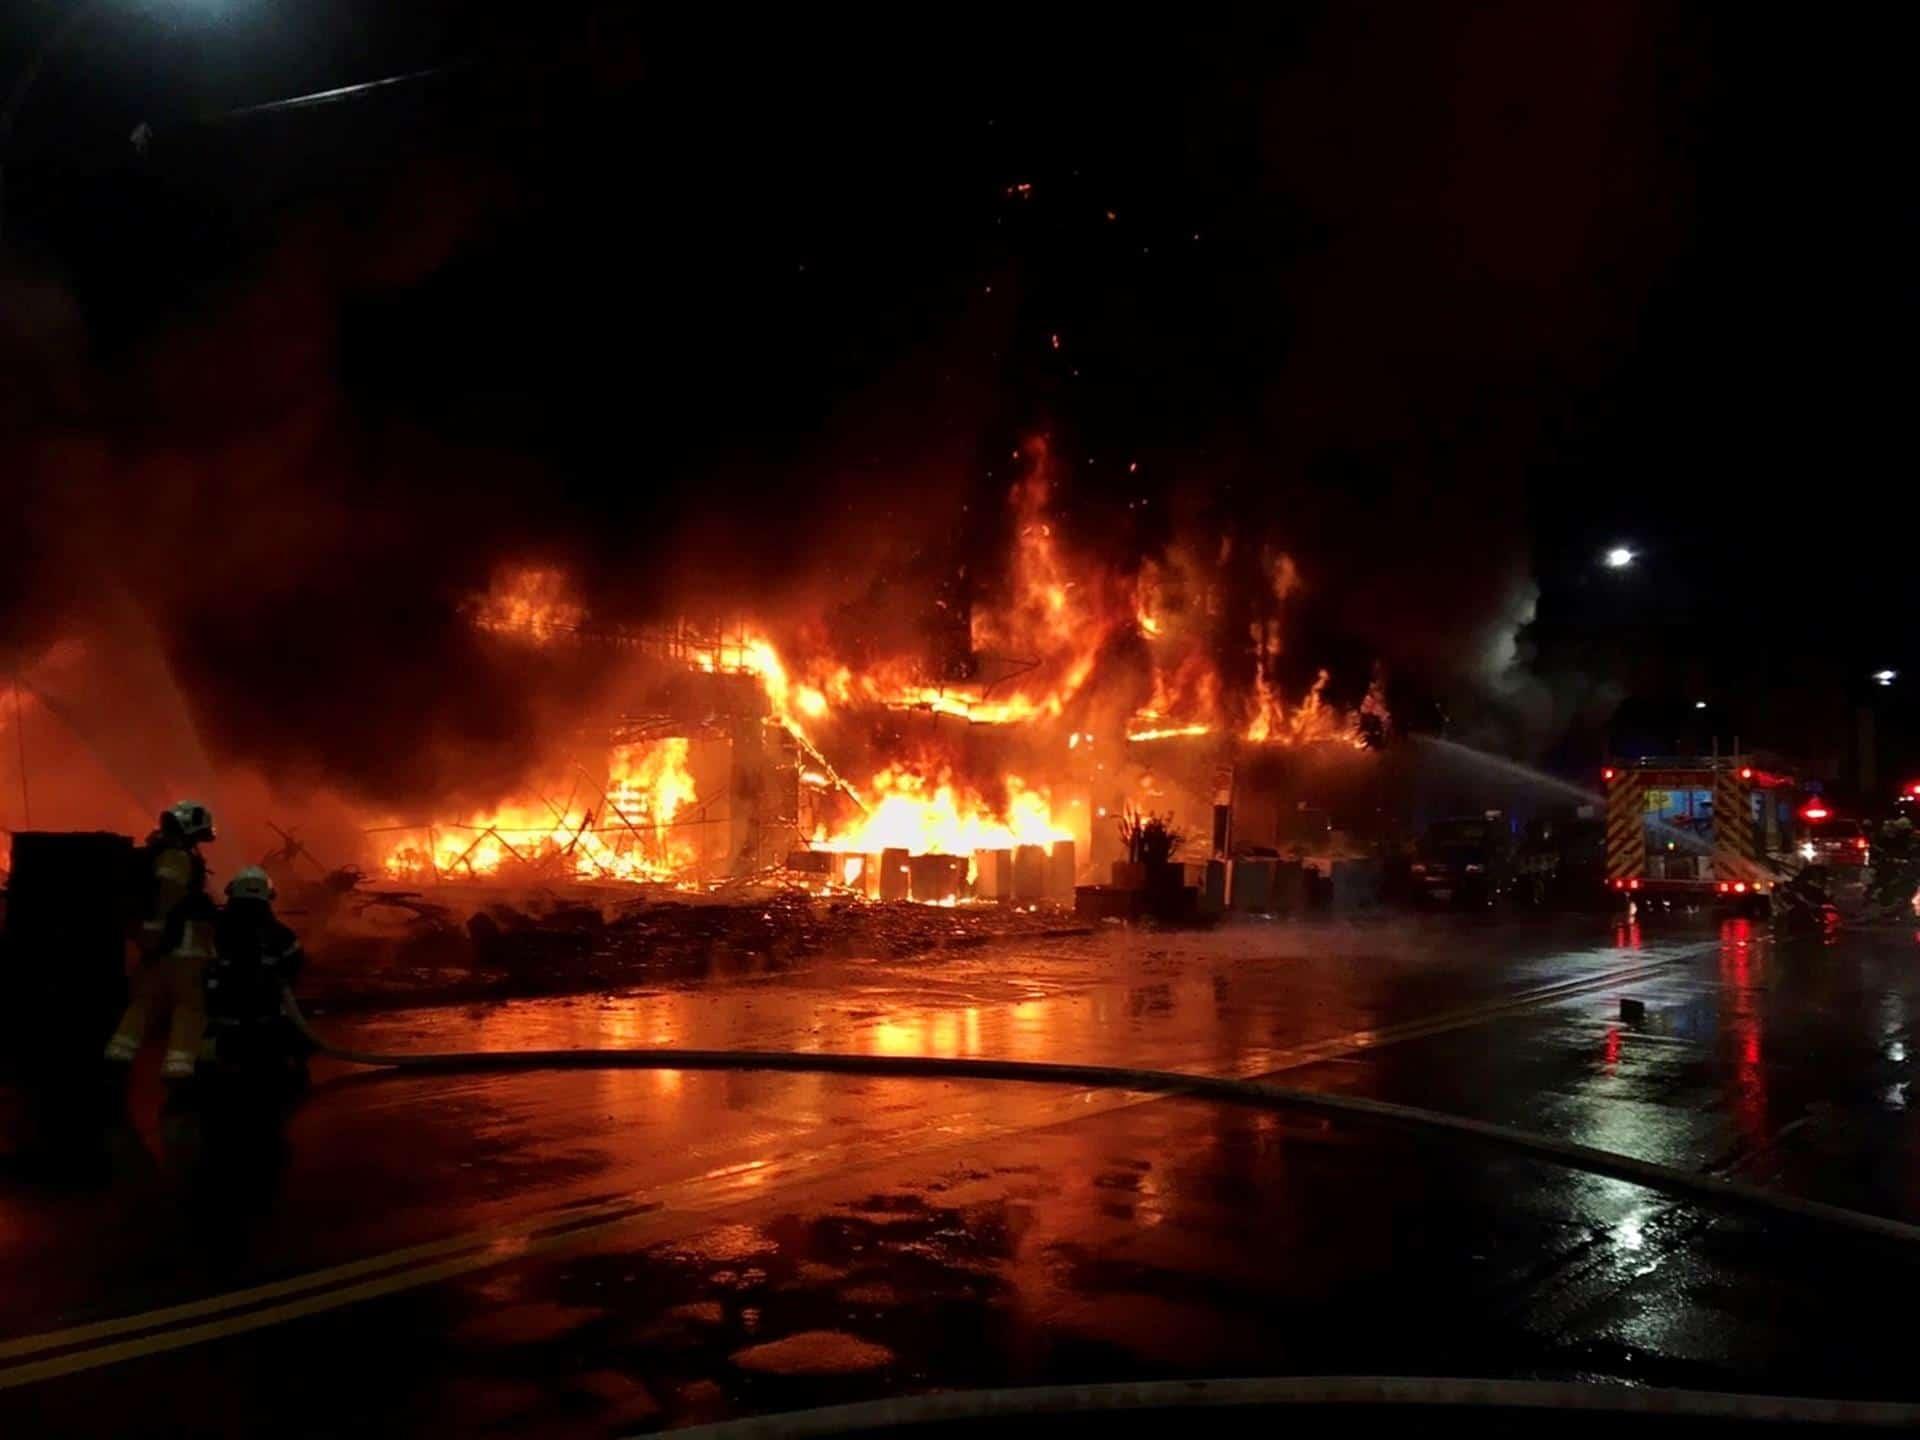 Incendio consume edificio en Taiwan y deja al menos 46 muertos